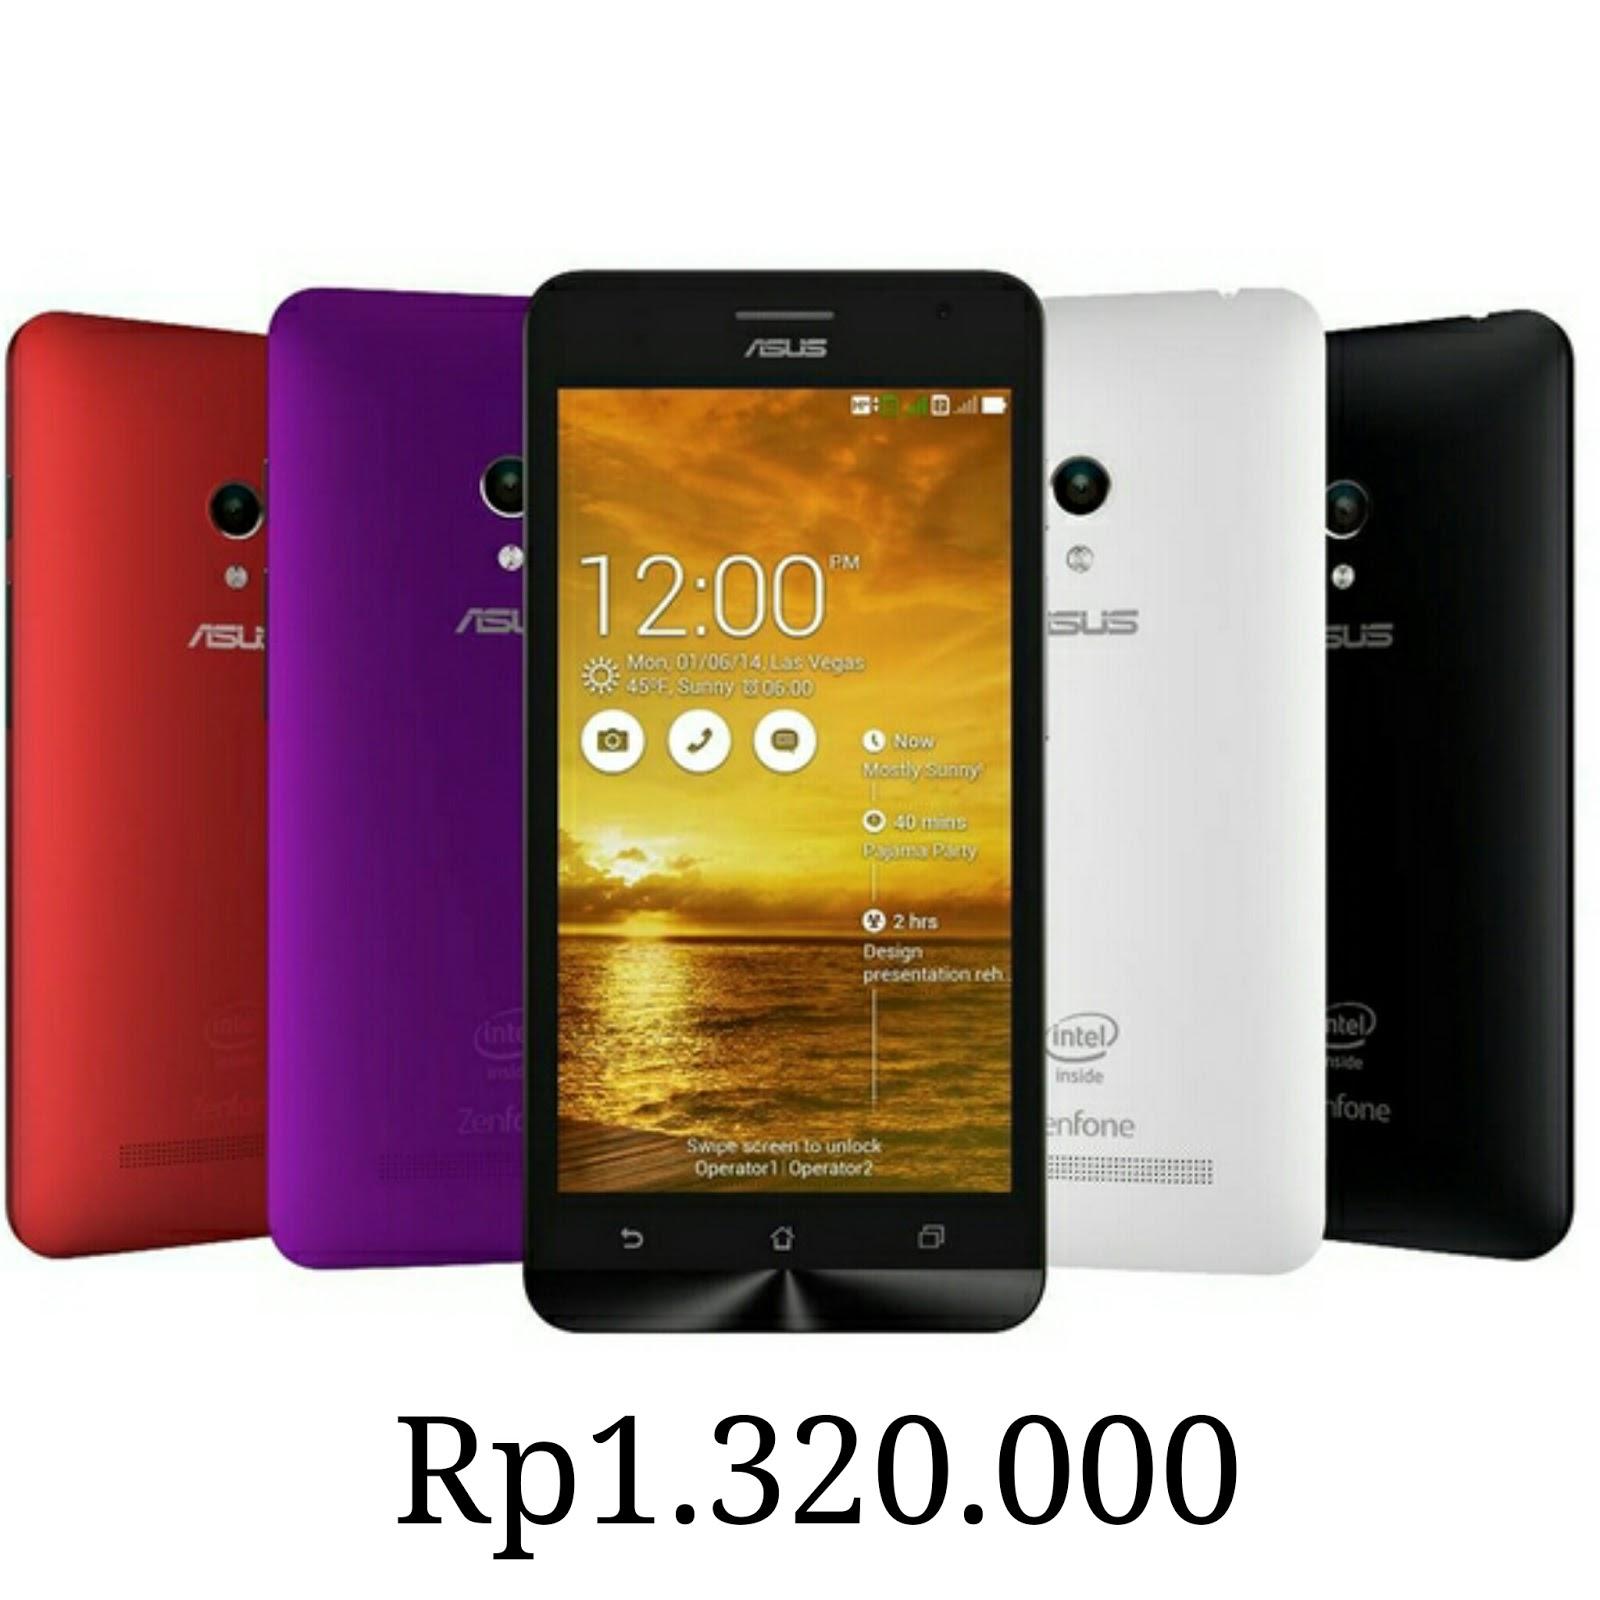 Xiaomi Redmi 2 4g Lte Ram 16gb Rom 8gb Annds Gadget 1 Blackberry Torch 9800 Garansi Distributor Tahun